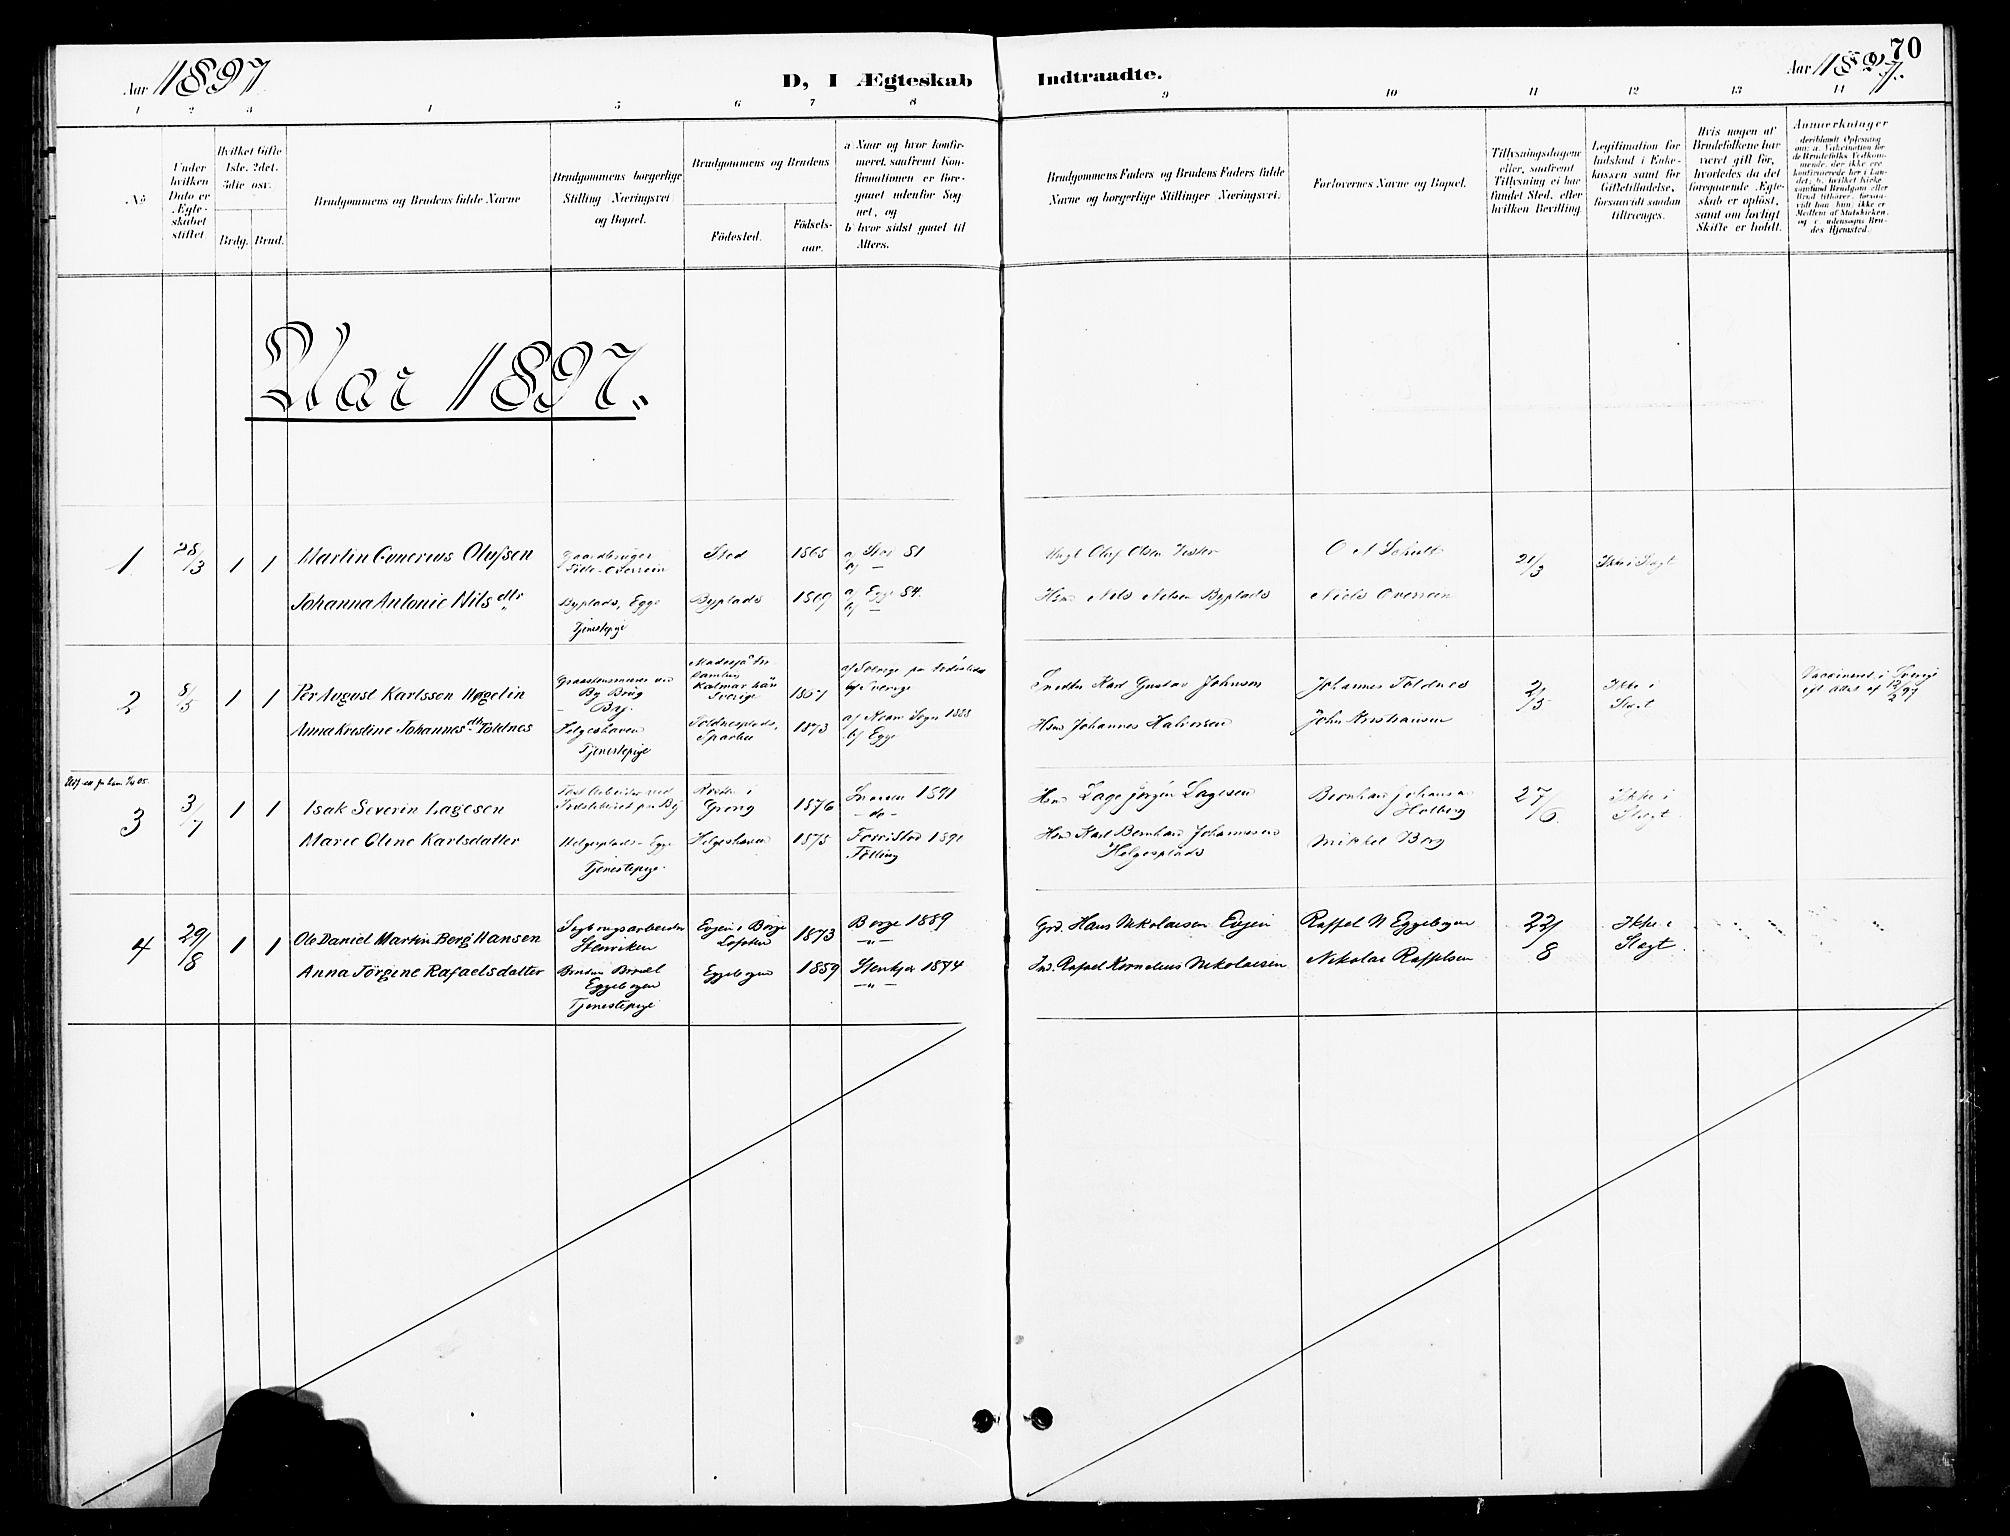 SAT, Ministerialprotokoller, klokkerbøker og fødselsregistre - Nord-Trøndelag, 740/L0379: Ministerialbok nr. 740A02, 1895-1907, s. 70